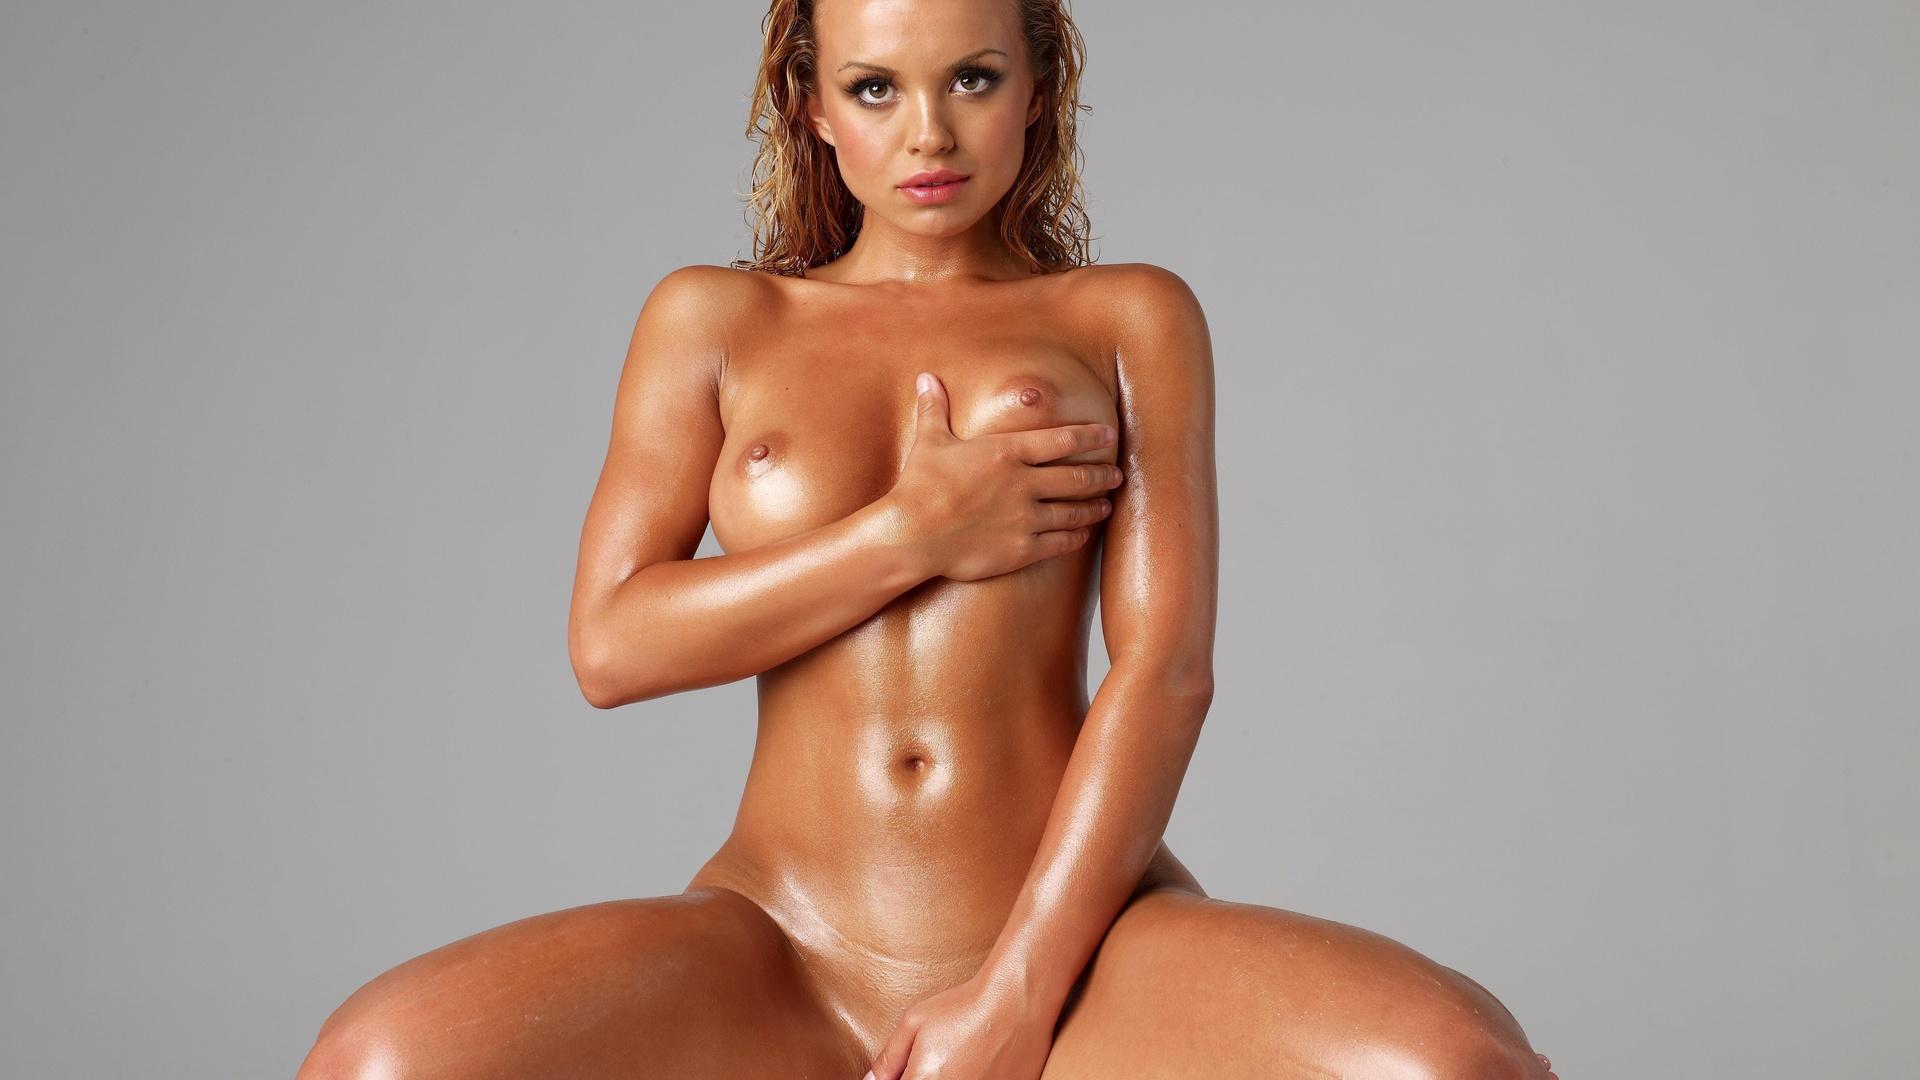 Высококачественные фотки с голыми девушками в масле